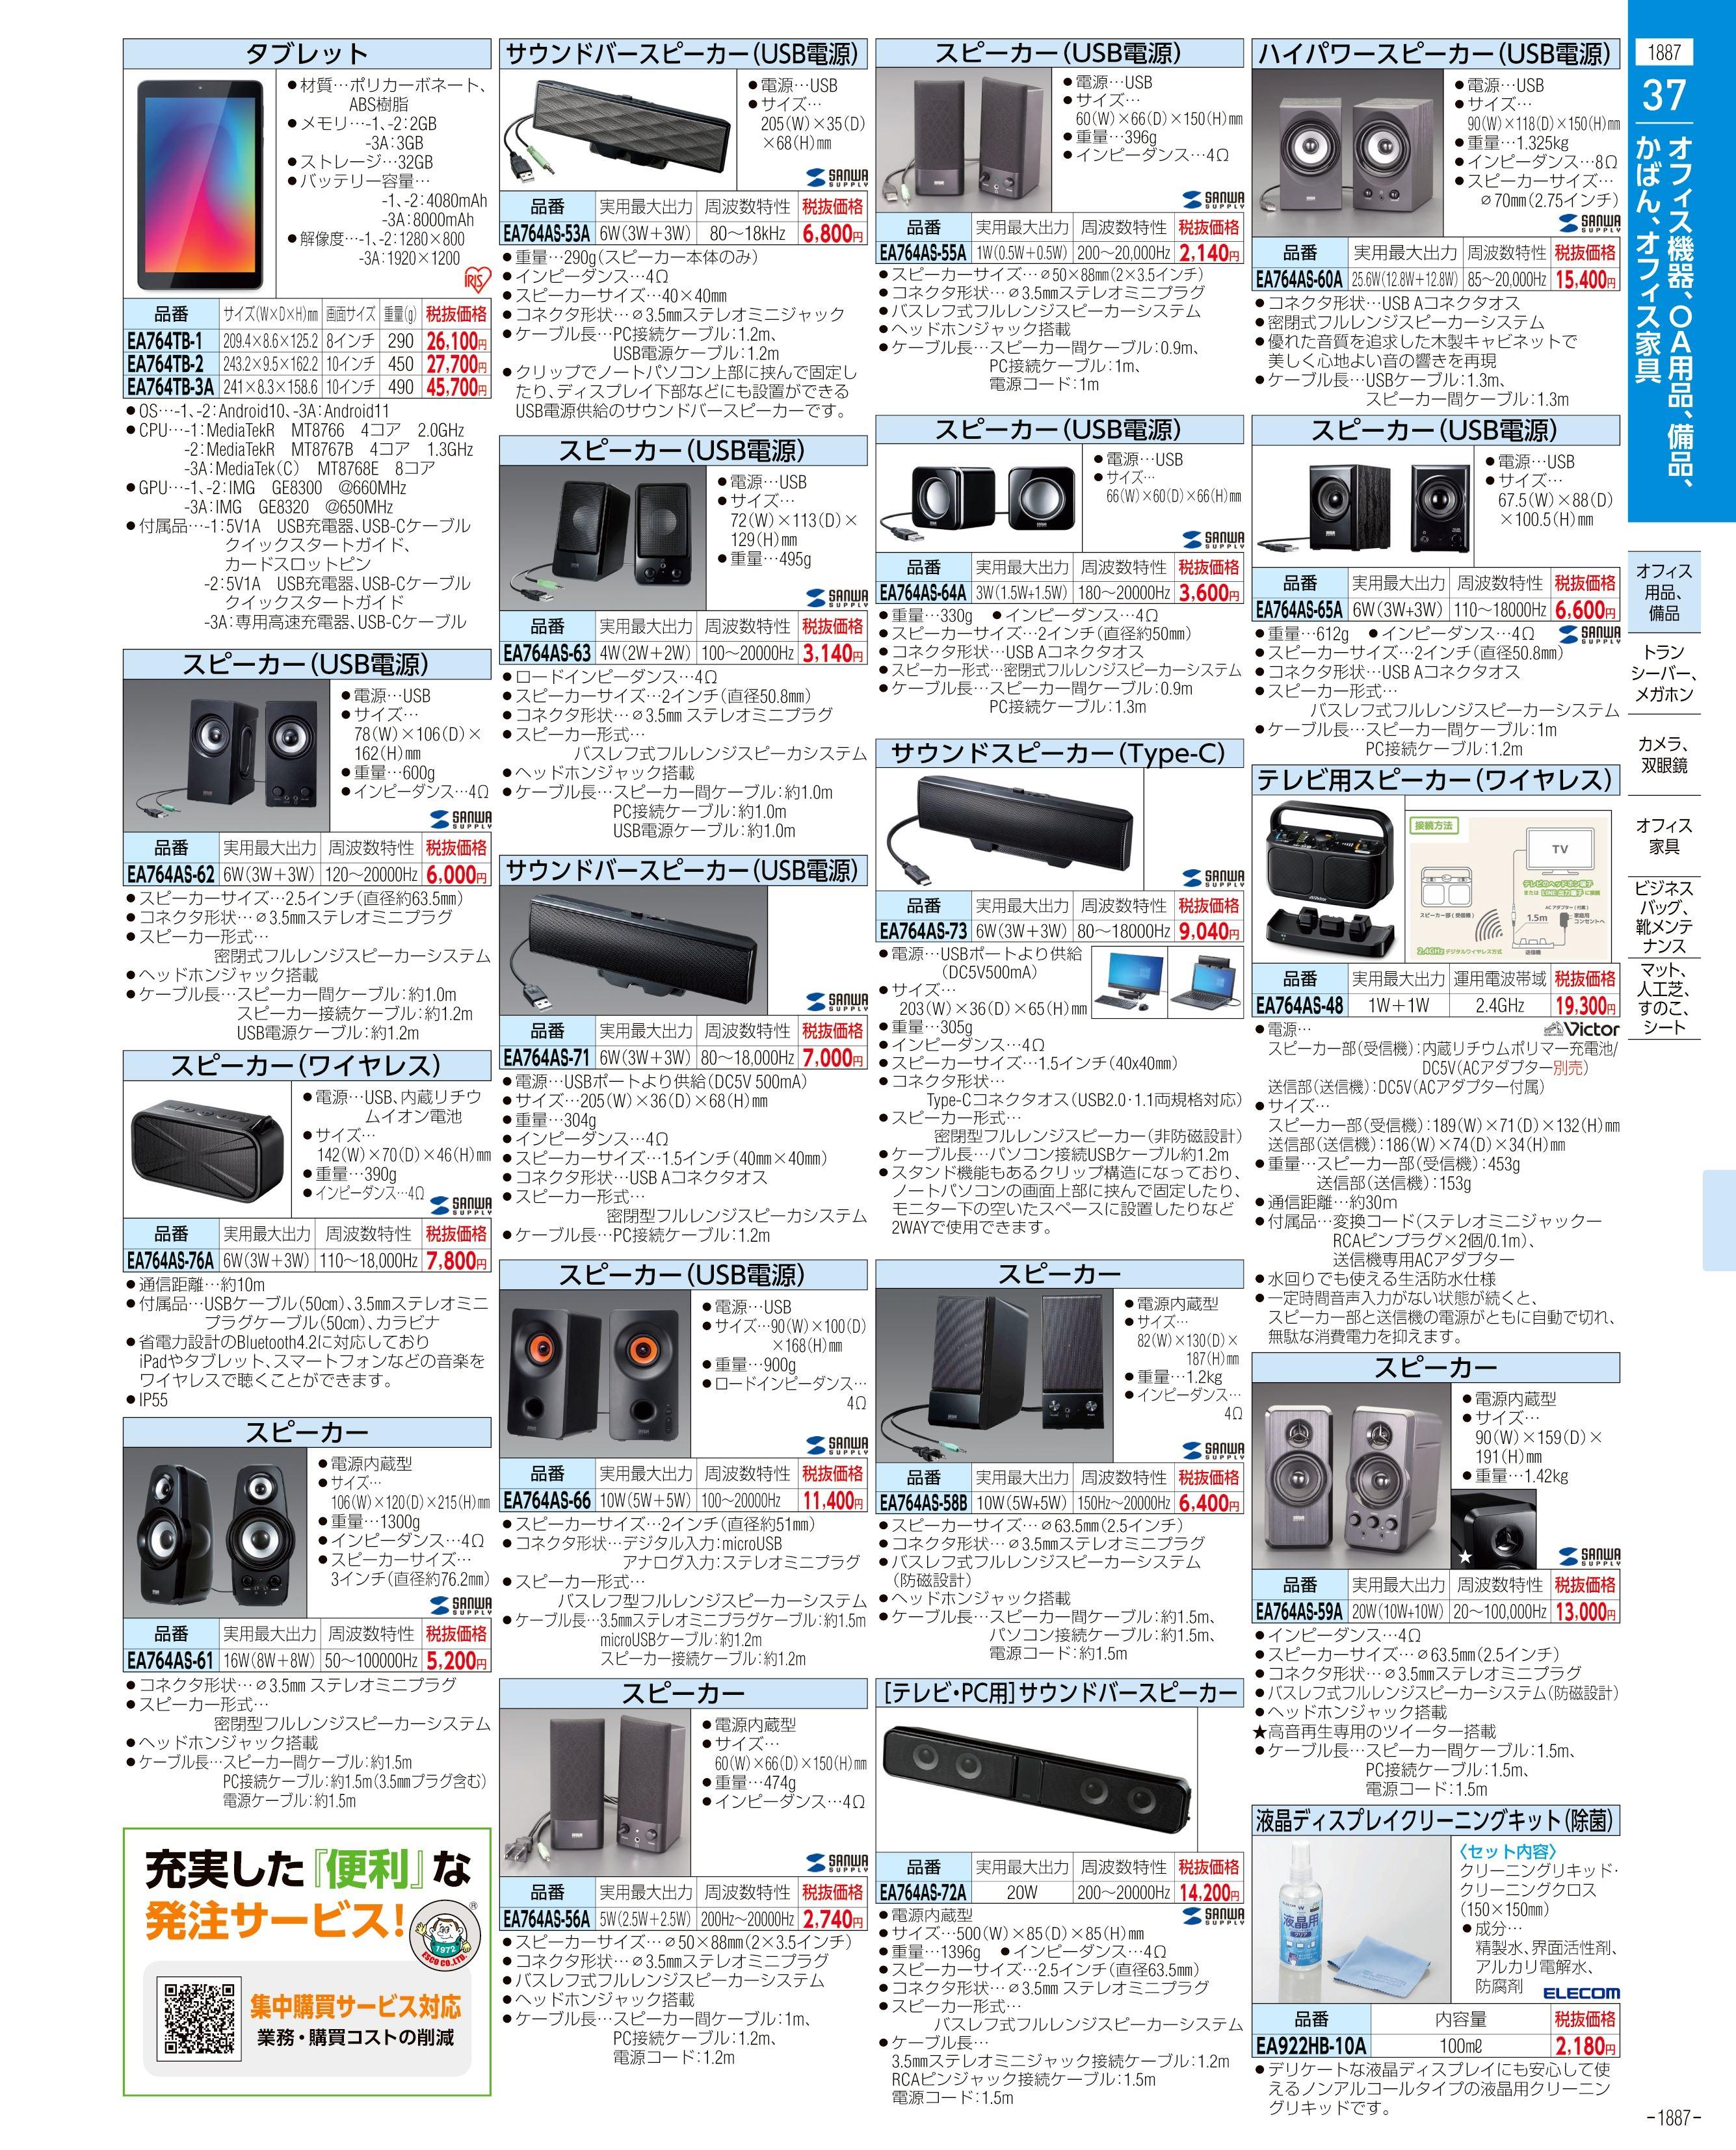 エスコ便利カタログ1887ページ